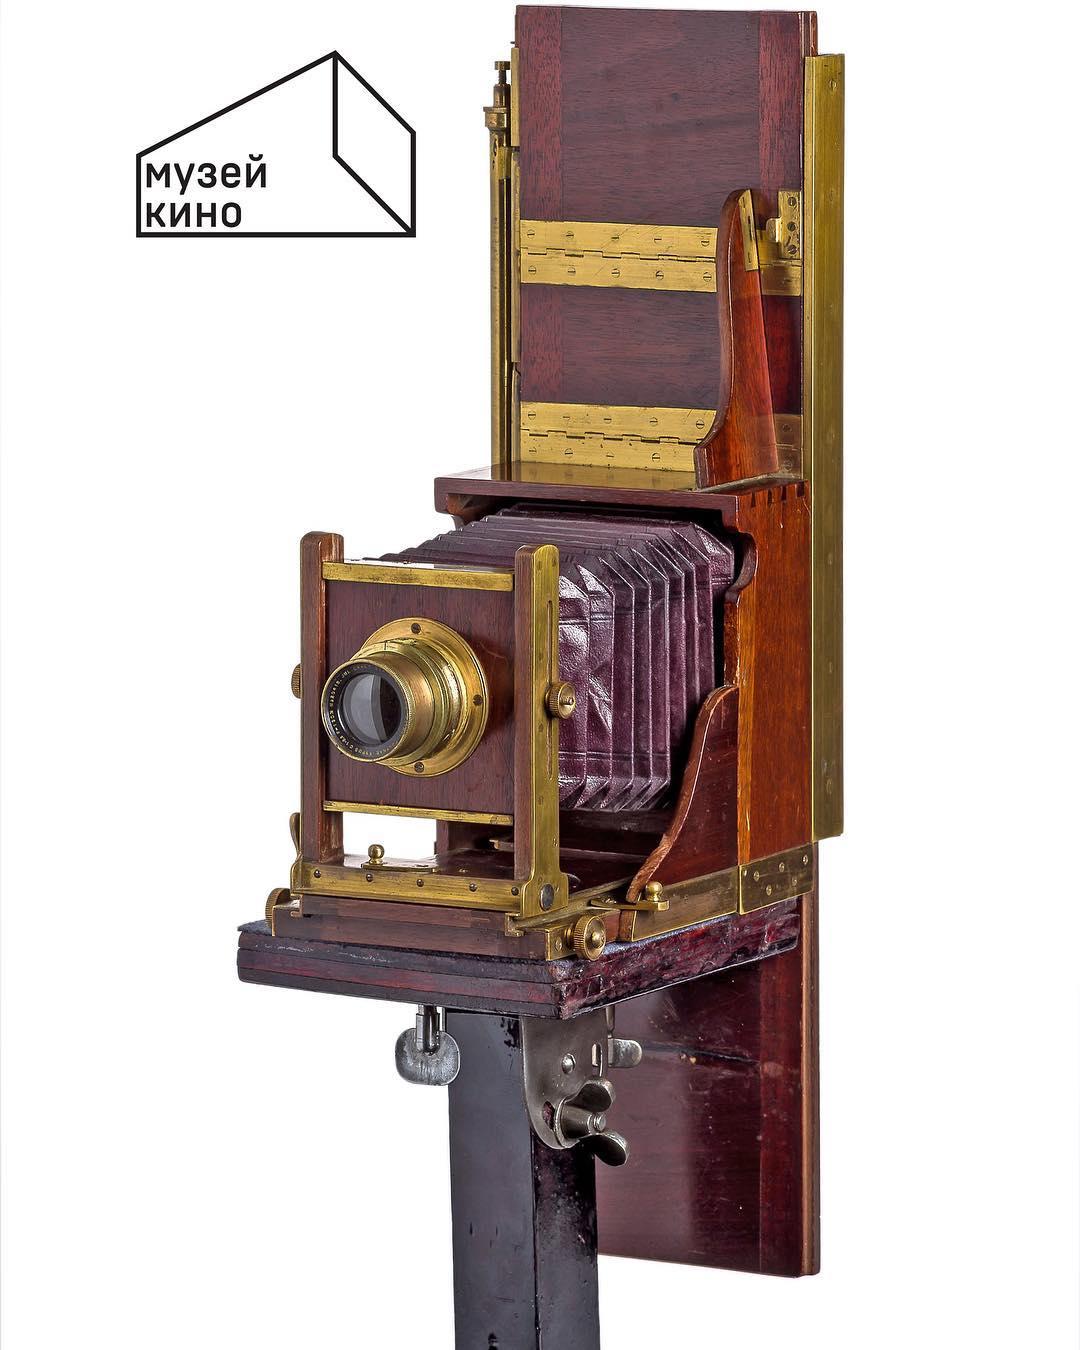 Камера Мите-Бермполь в музее кино